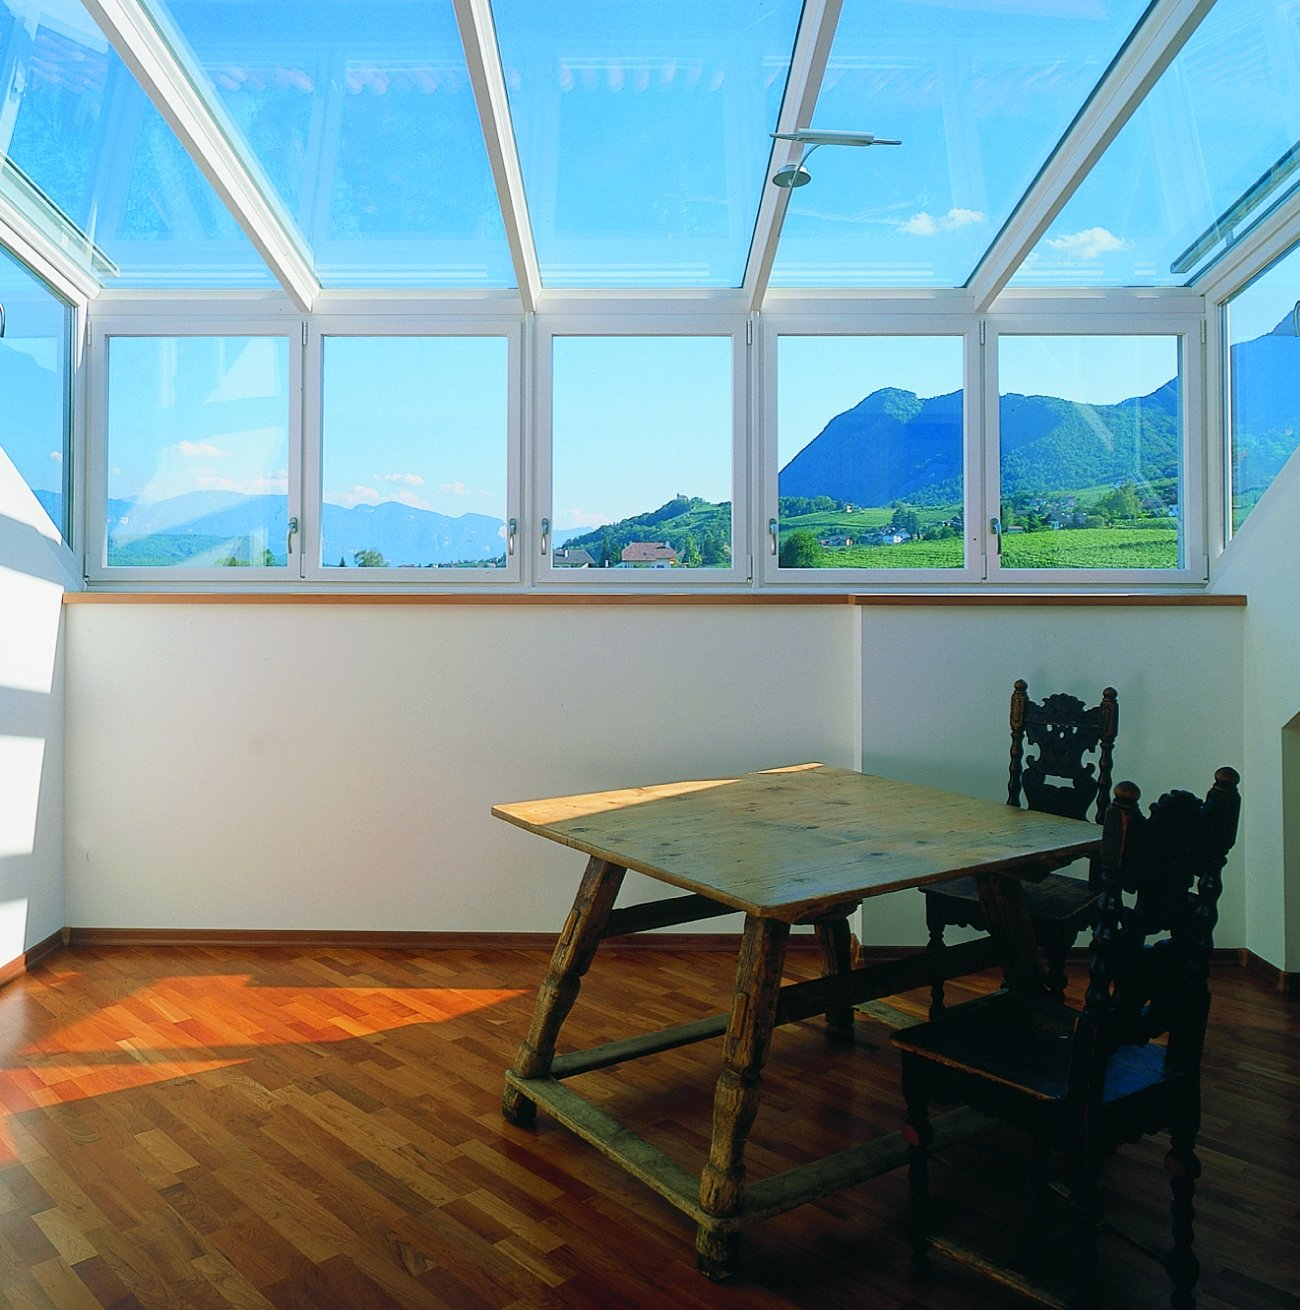 Sfruttare il sottotetto si pu ma attenti alle norme - Alzare tetto casa ...